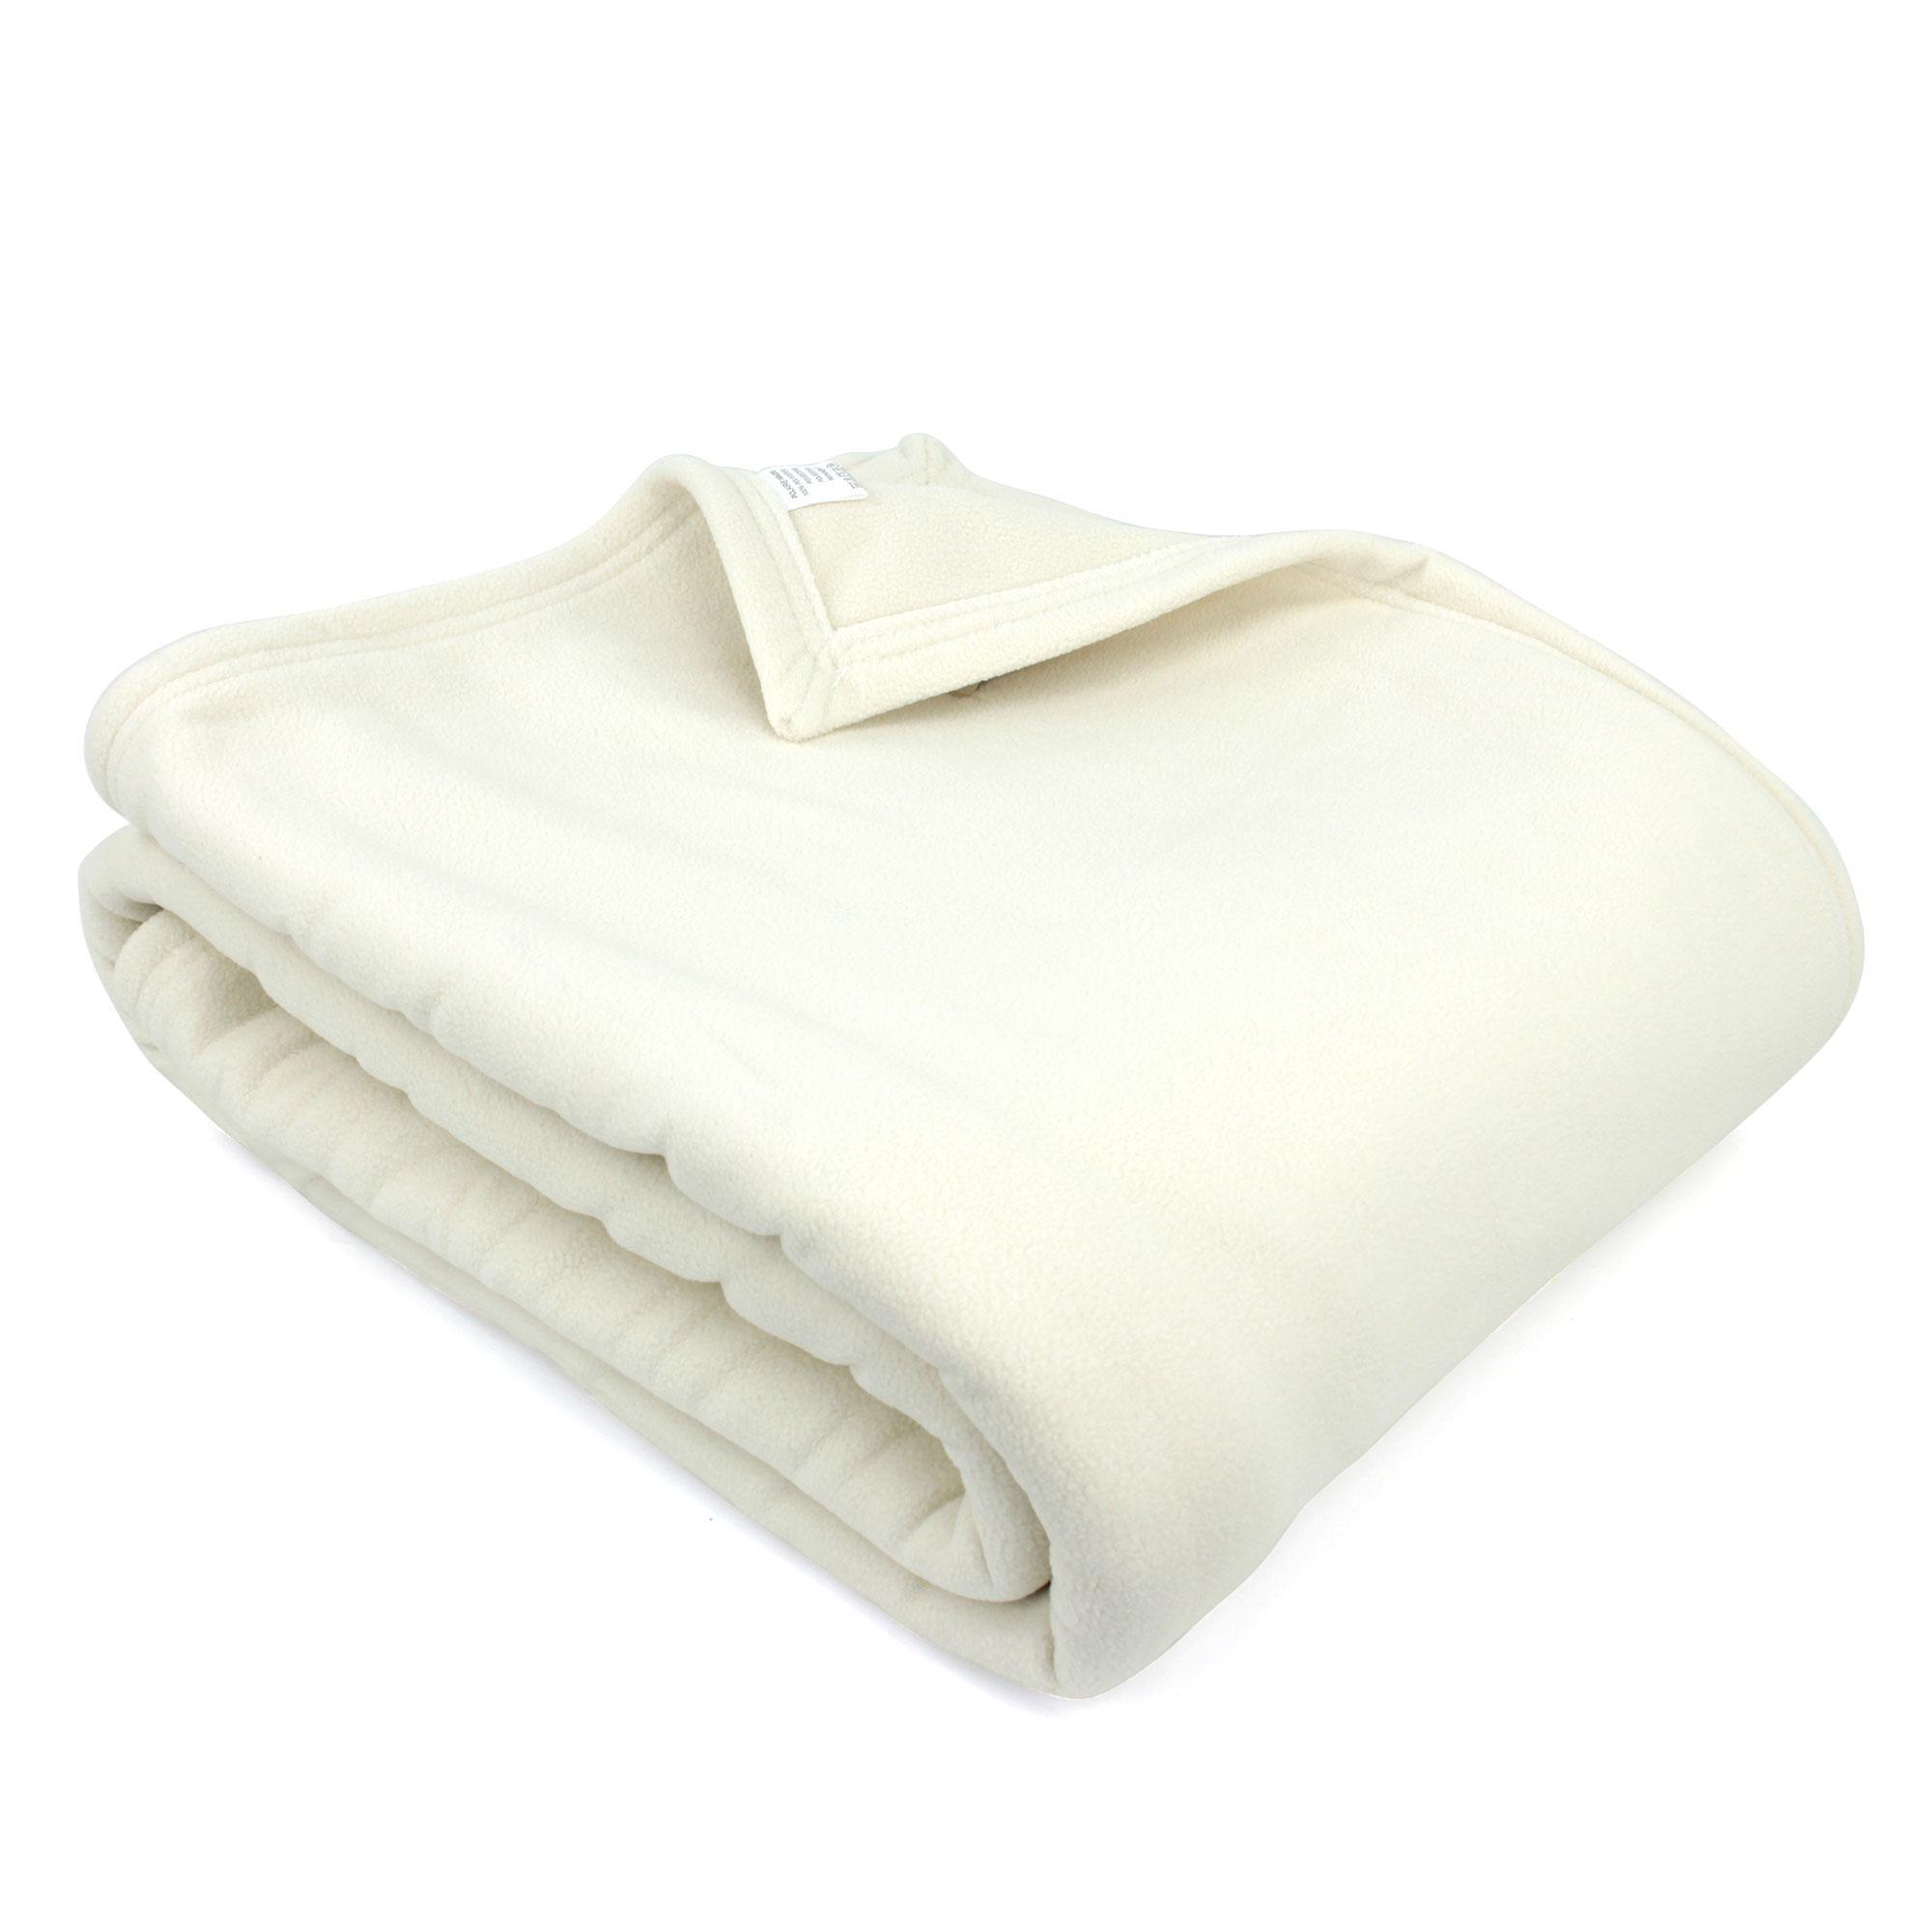 couverture polaire 220x240 cm narvik naturel linnea linge de maison et. Black Bedroom Furniture Sets. Home Design Ideas